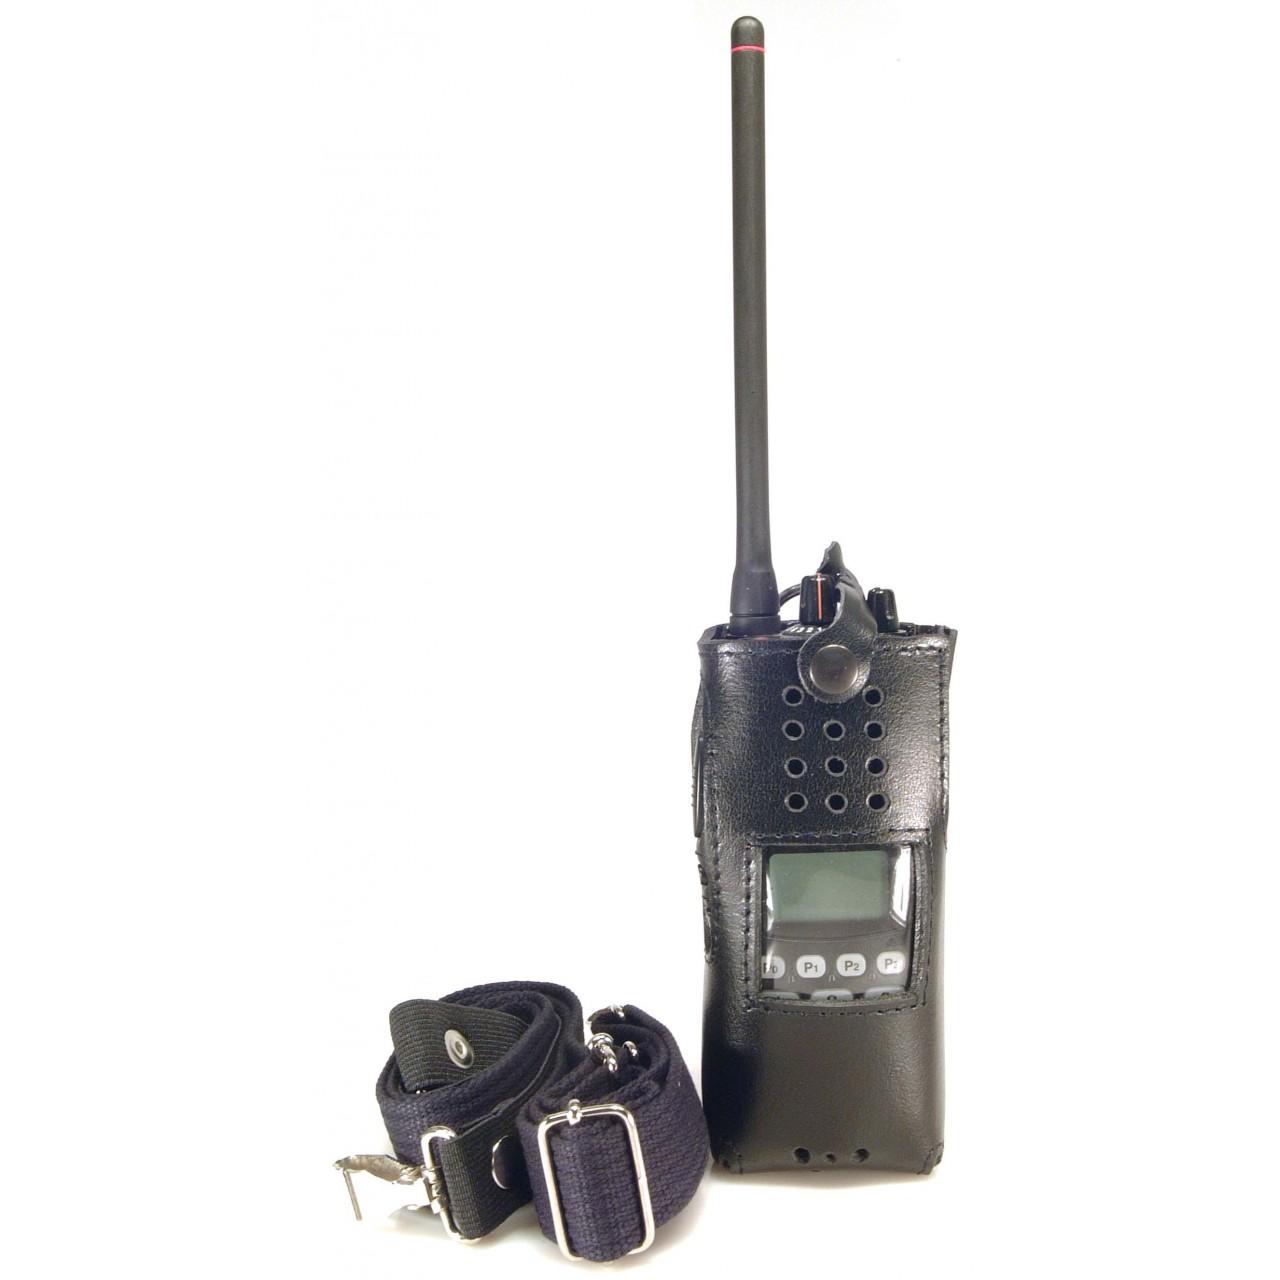 LC-OF31GSH Housses, systèmes d'attache et berceaux - ICOM